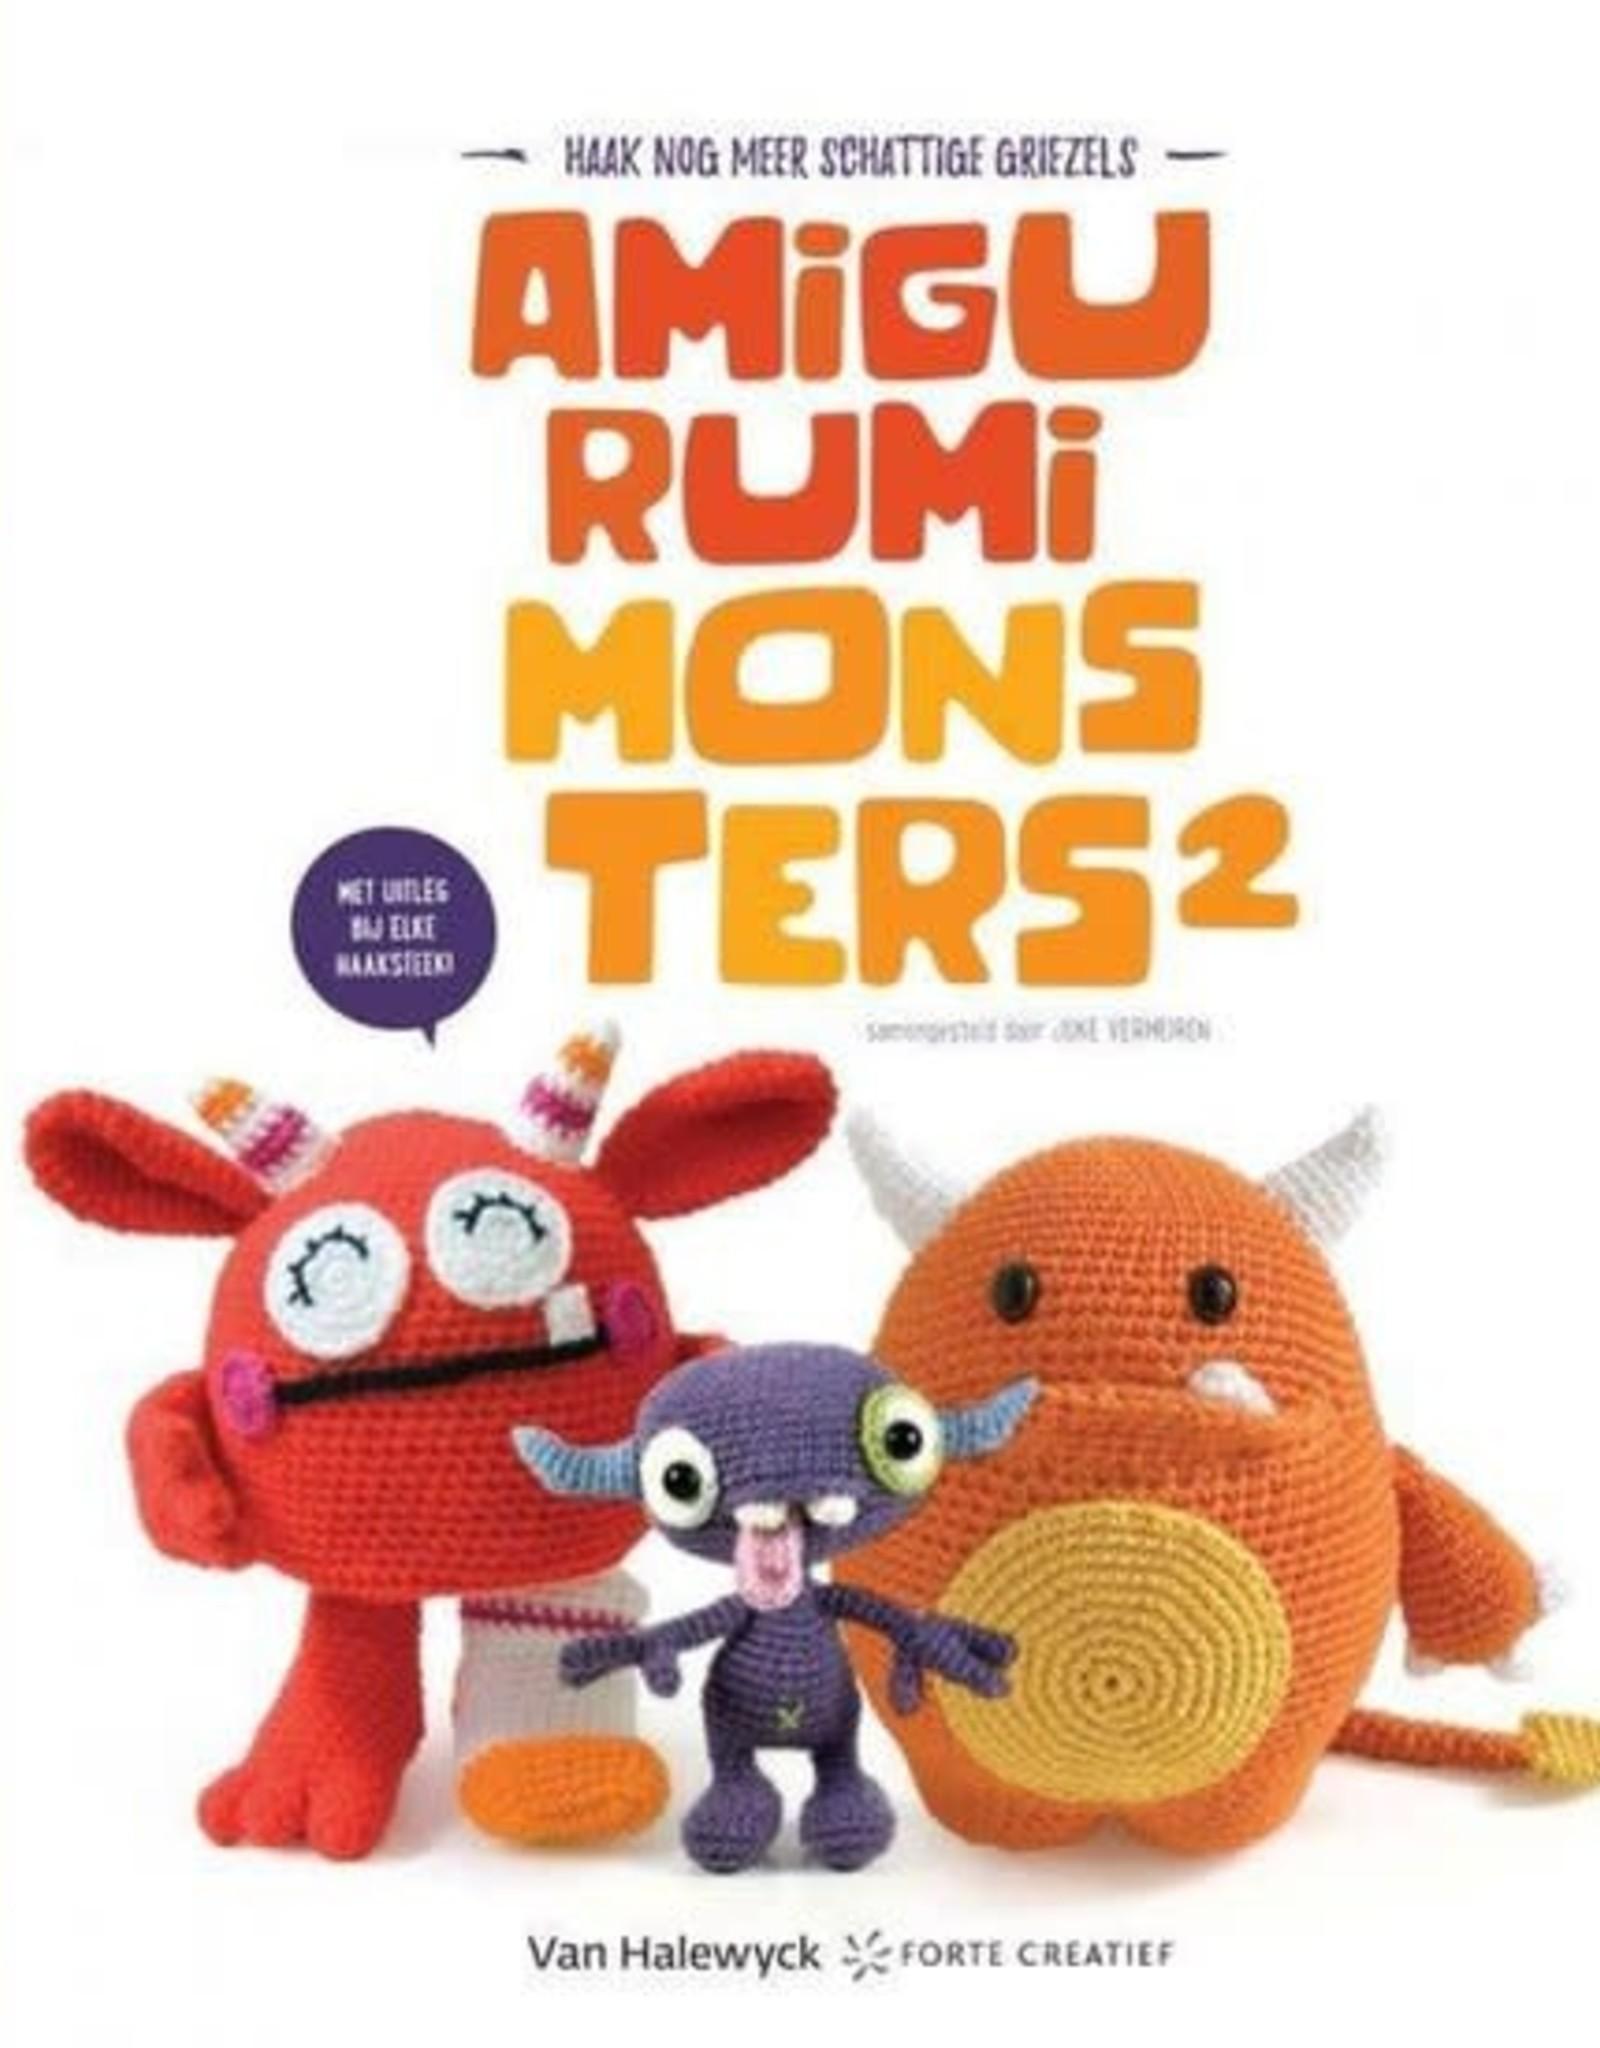 Boek Amigurumi monsters 2 - Joke Vermeiren